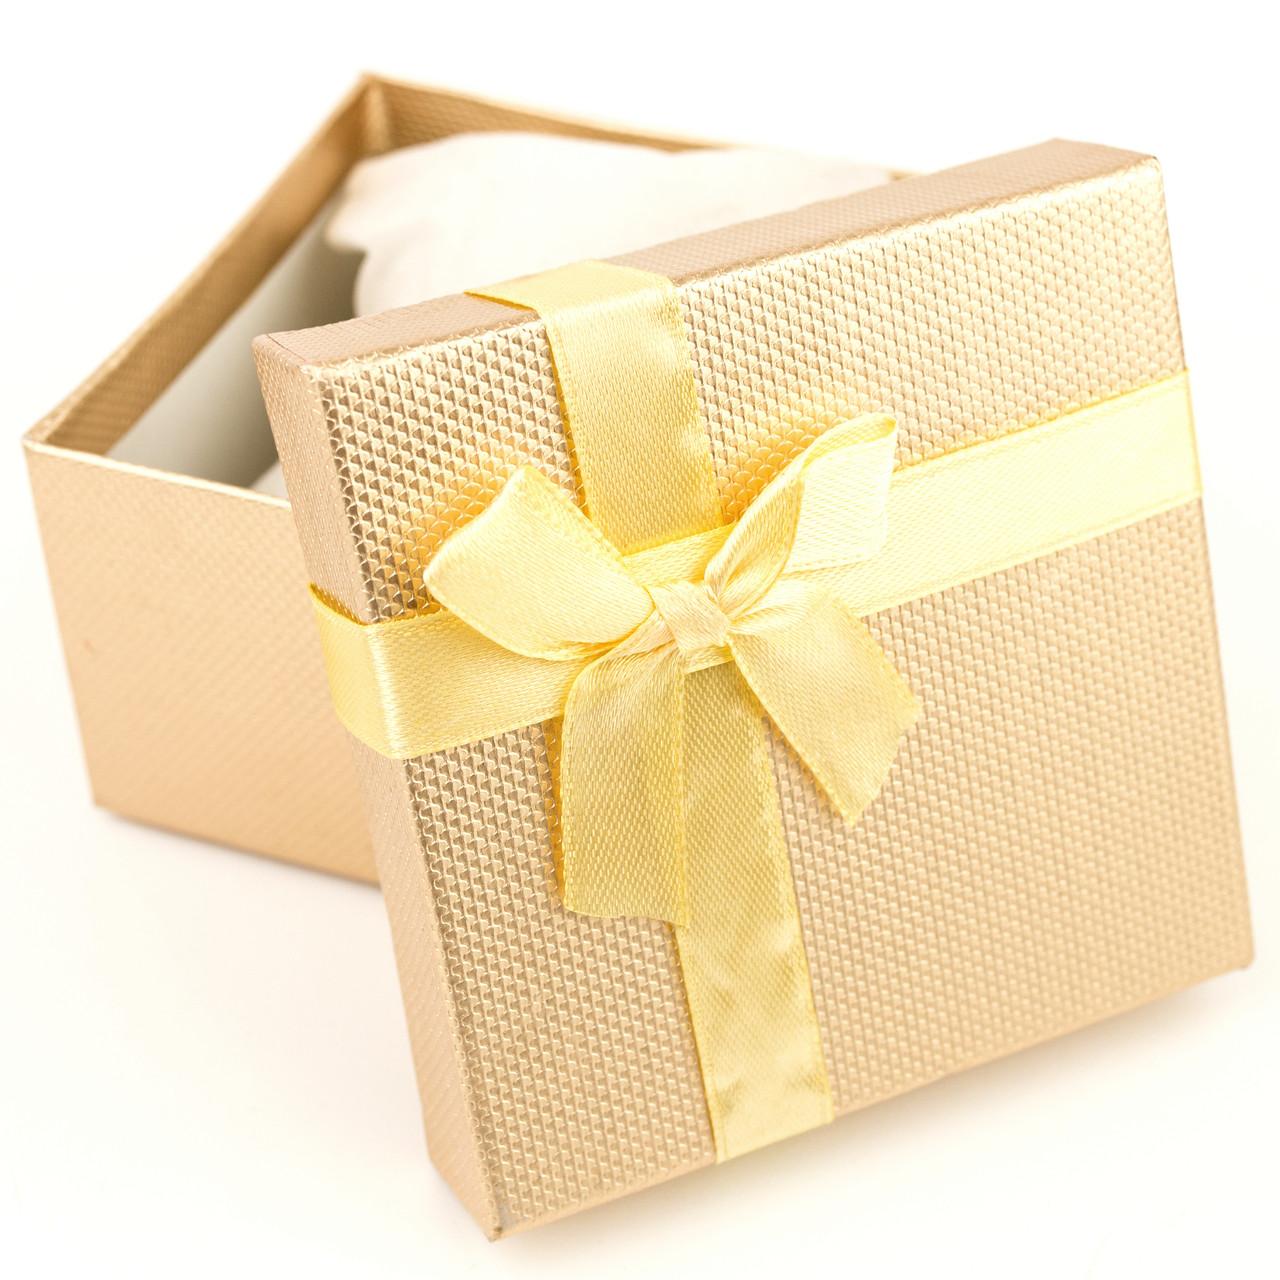 Подарочная коробка для часов или браслета золотая 9 x 9 x 6 см